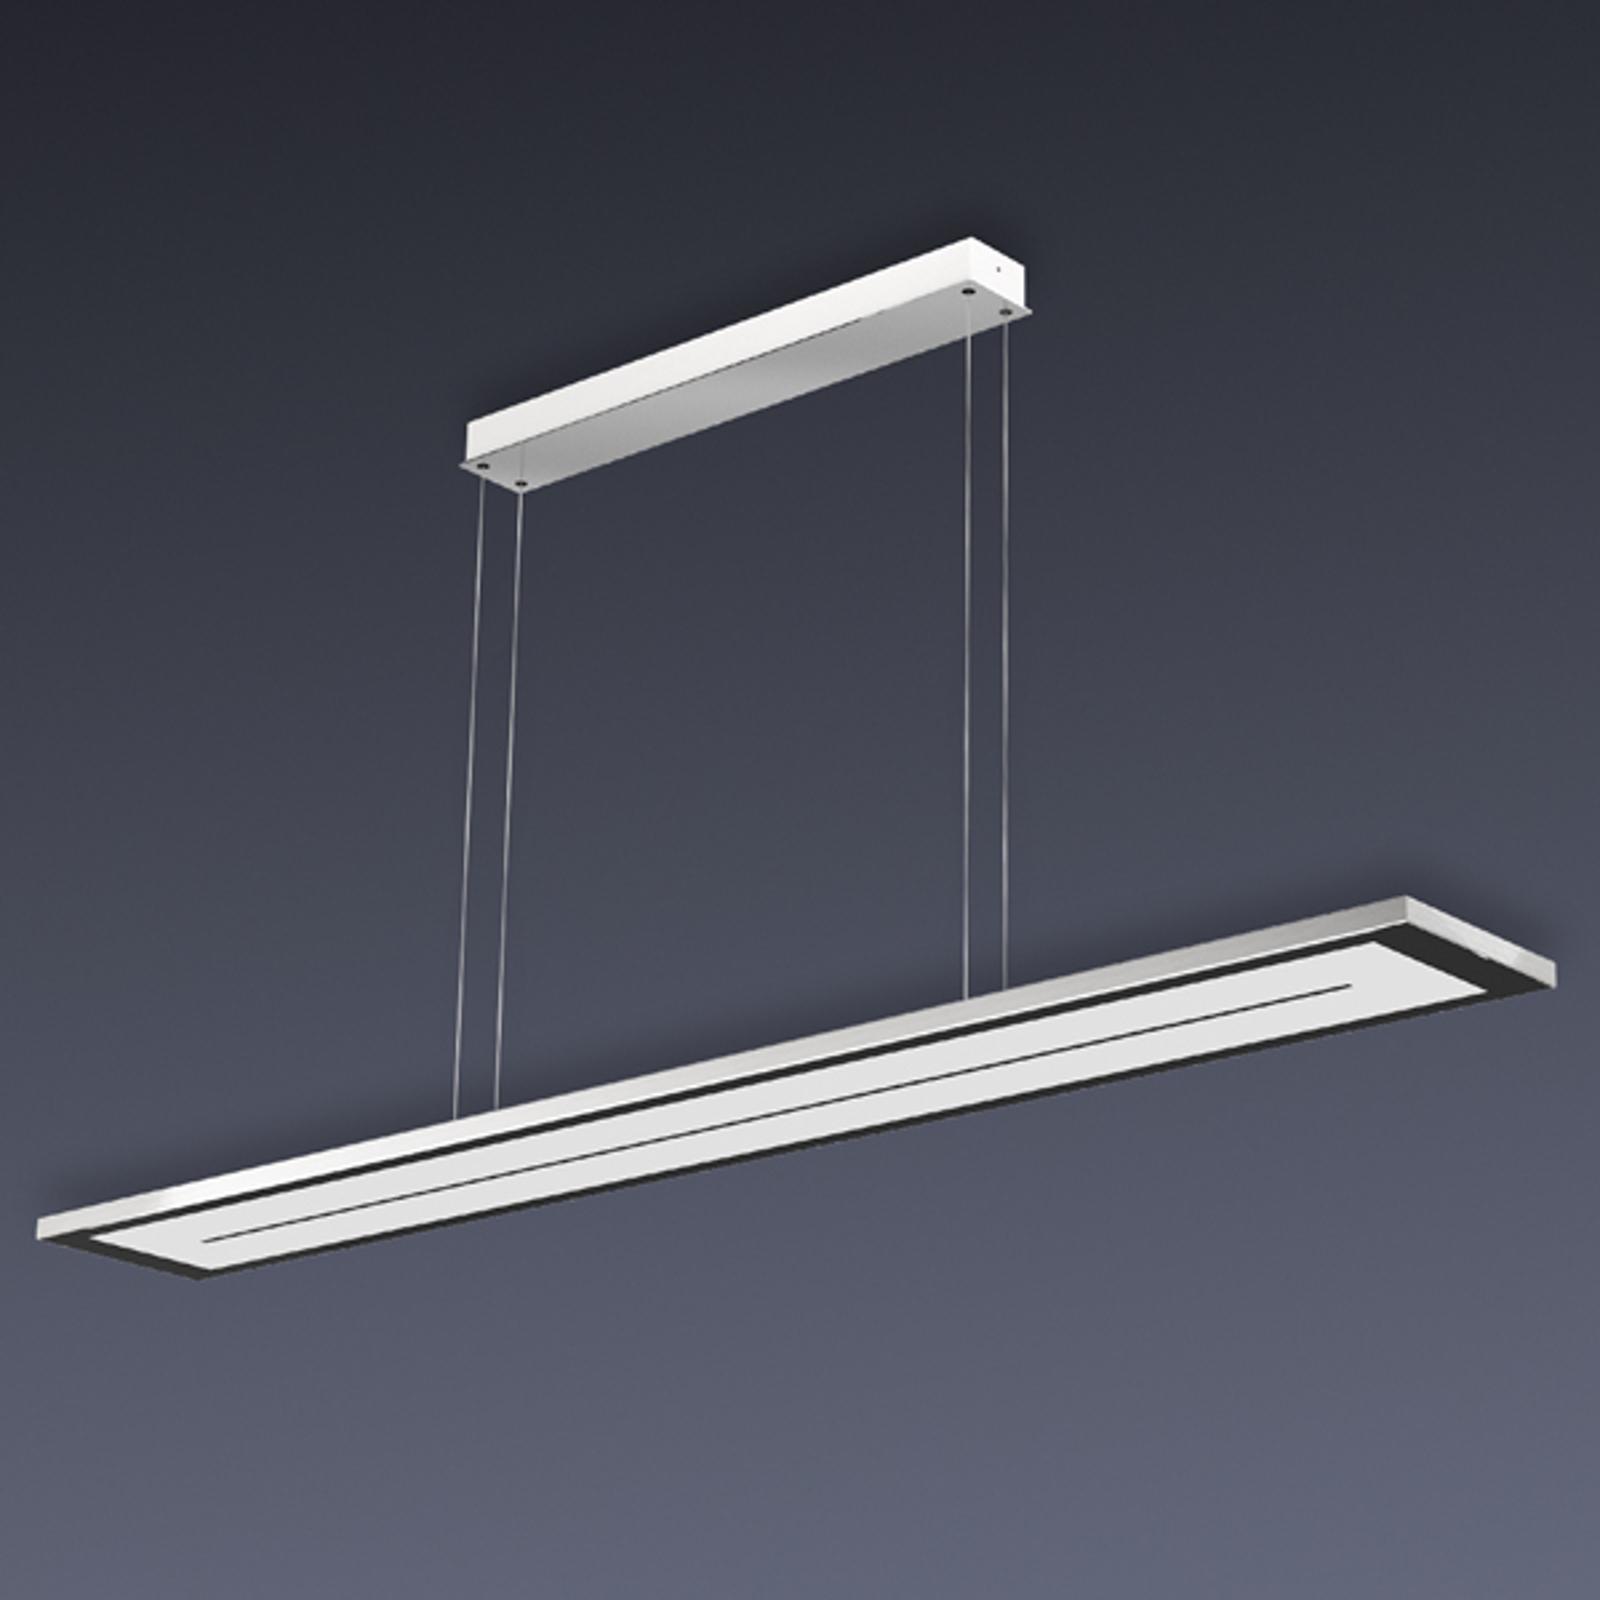 Dimmbare LED-Pendelleuchte Zen - 108 cm lang